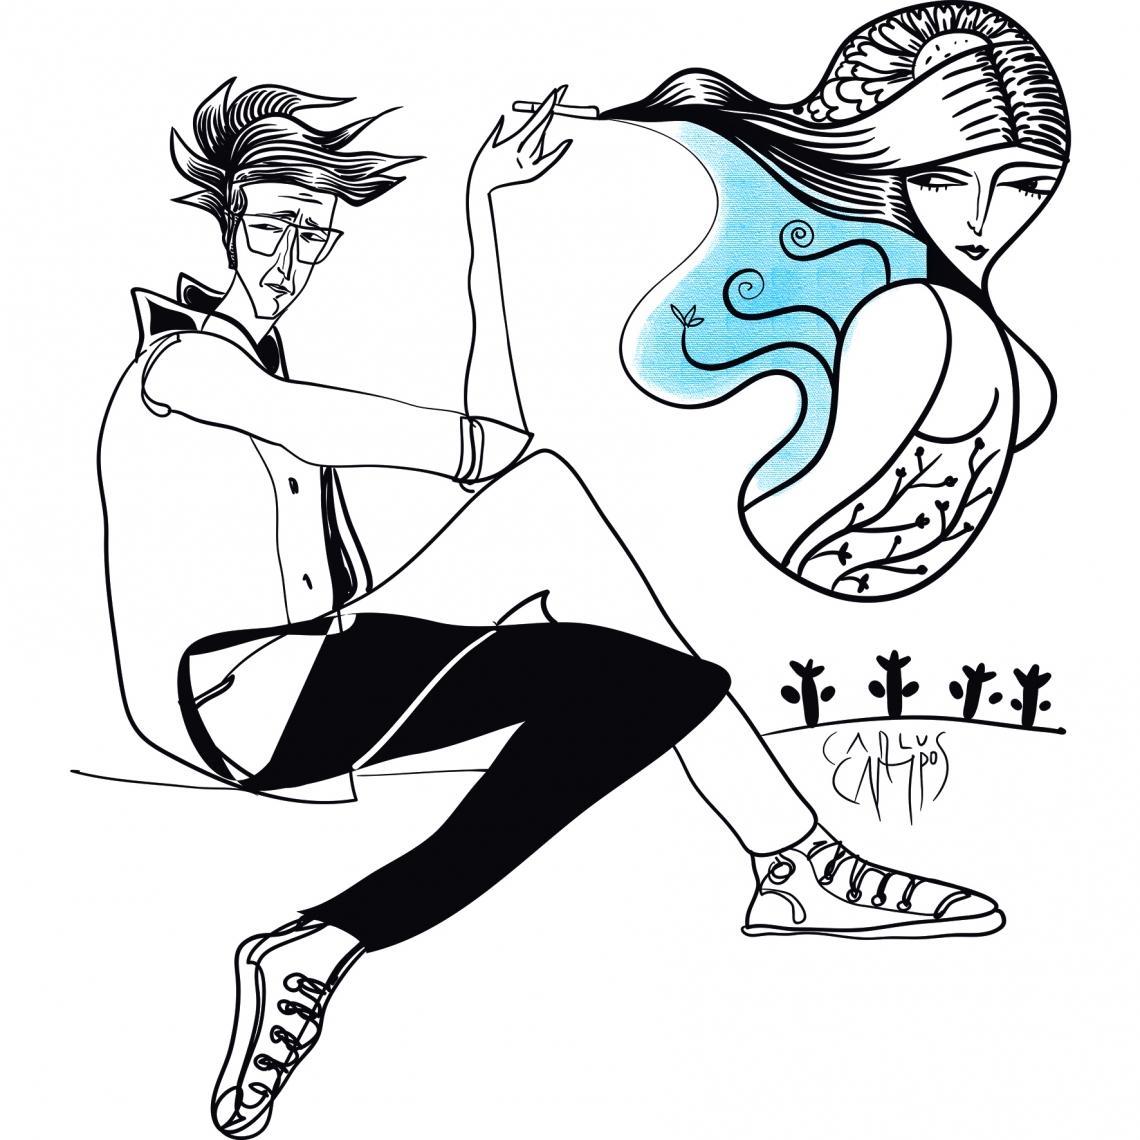 Ilustração de Carlus Campos para conto de Antônio LaCarne